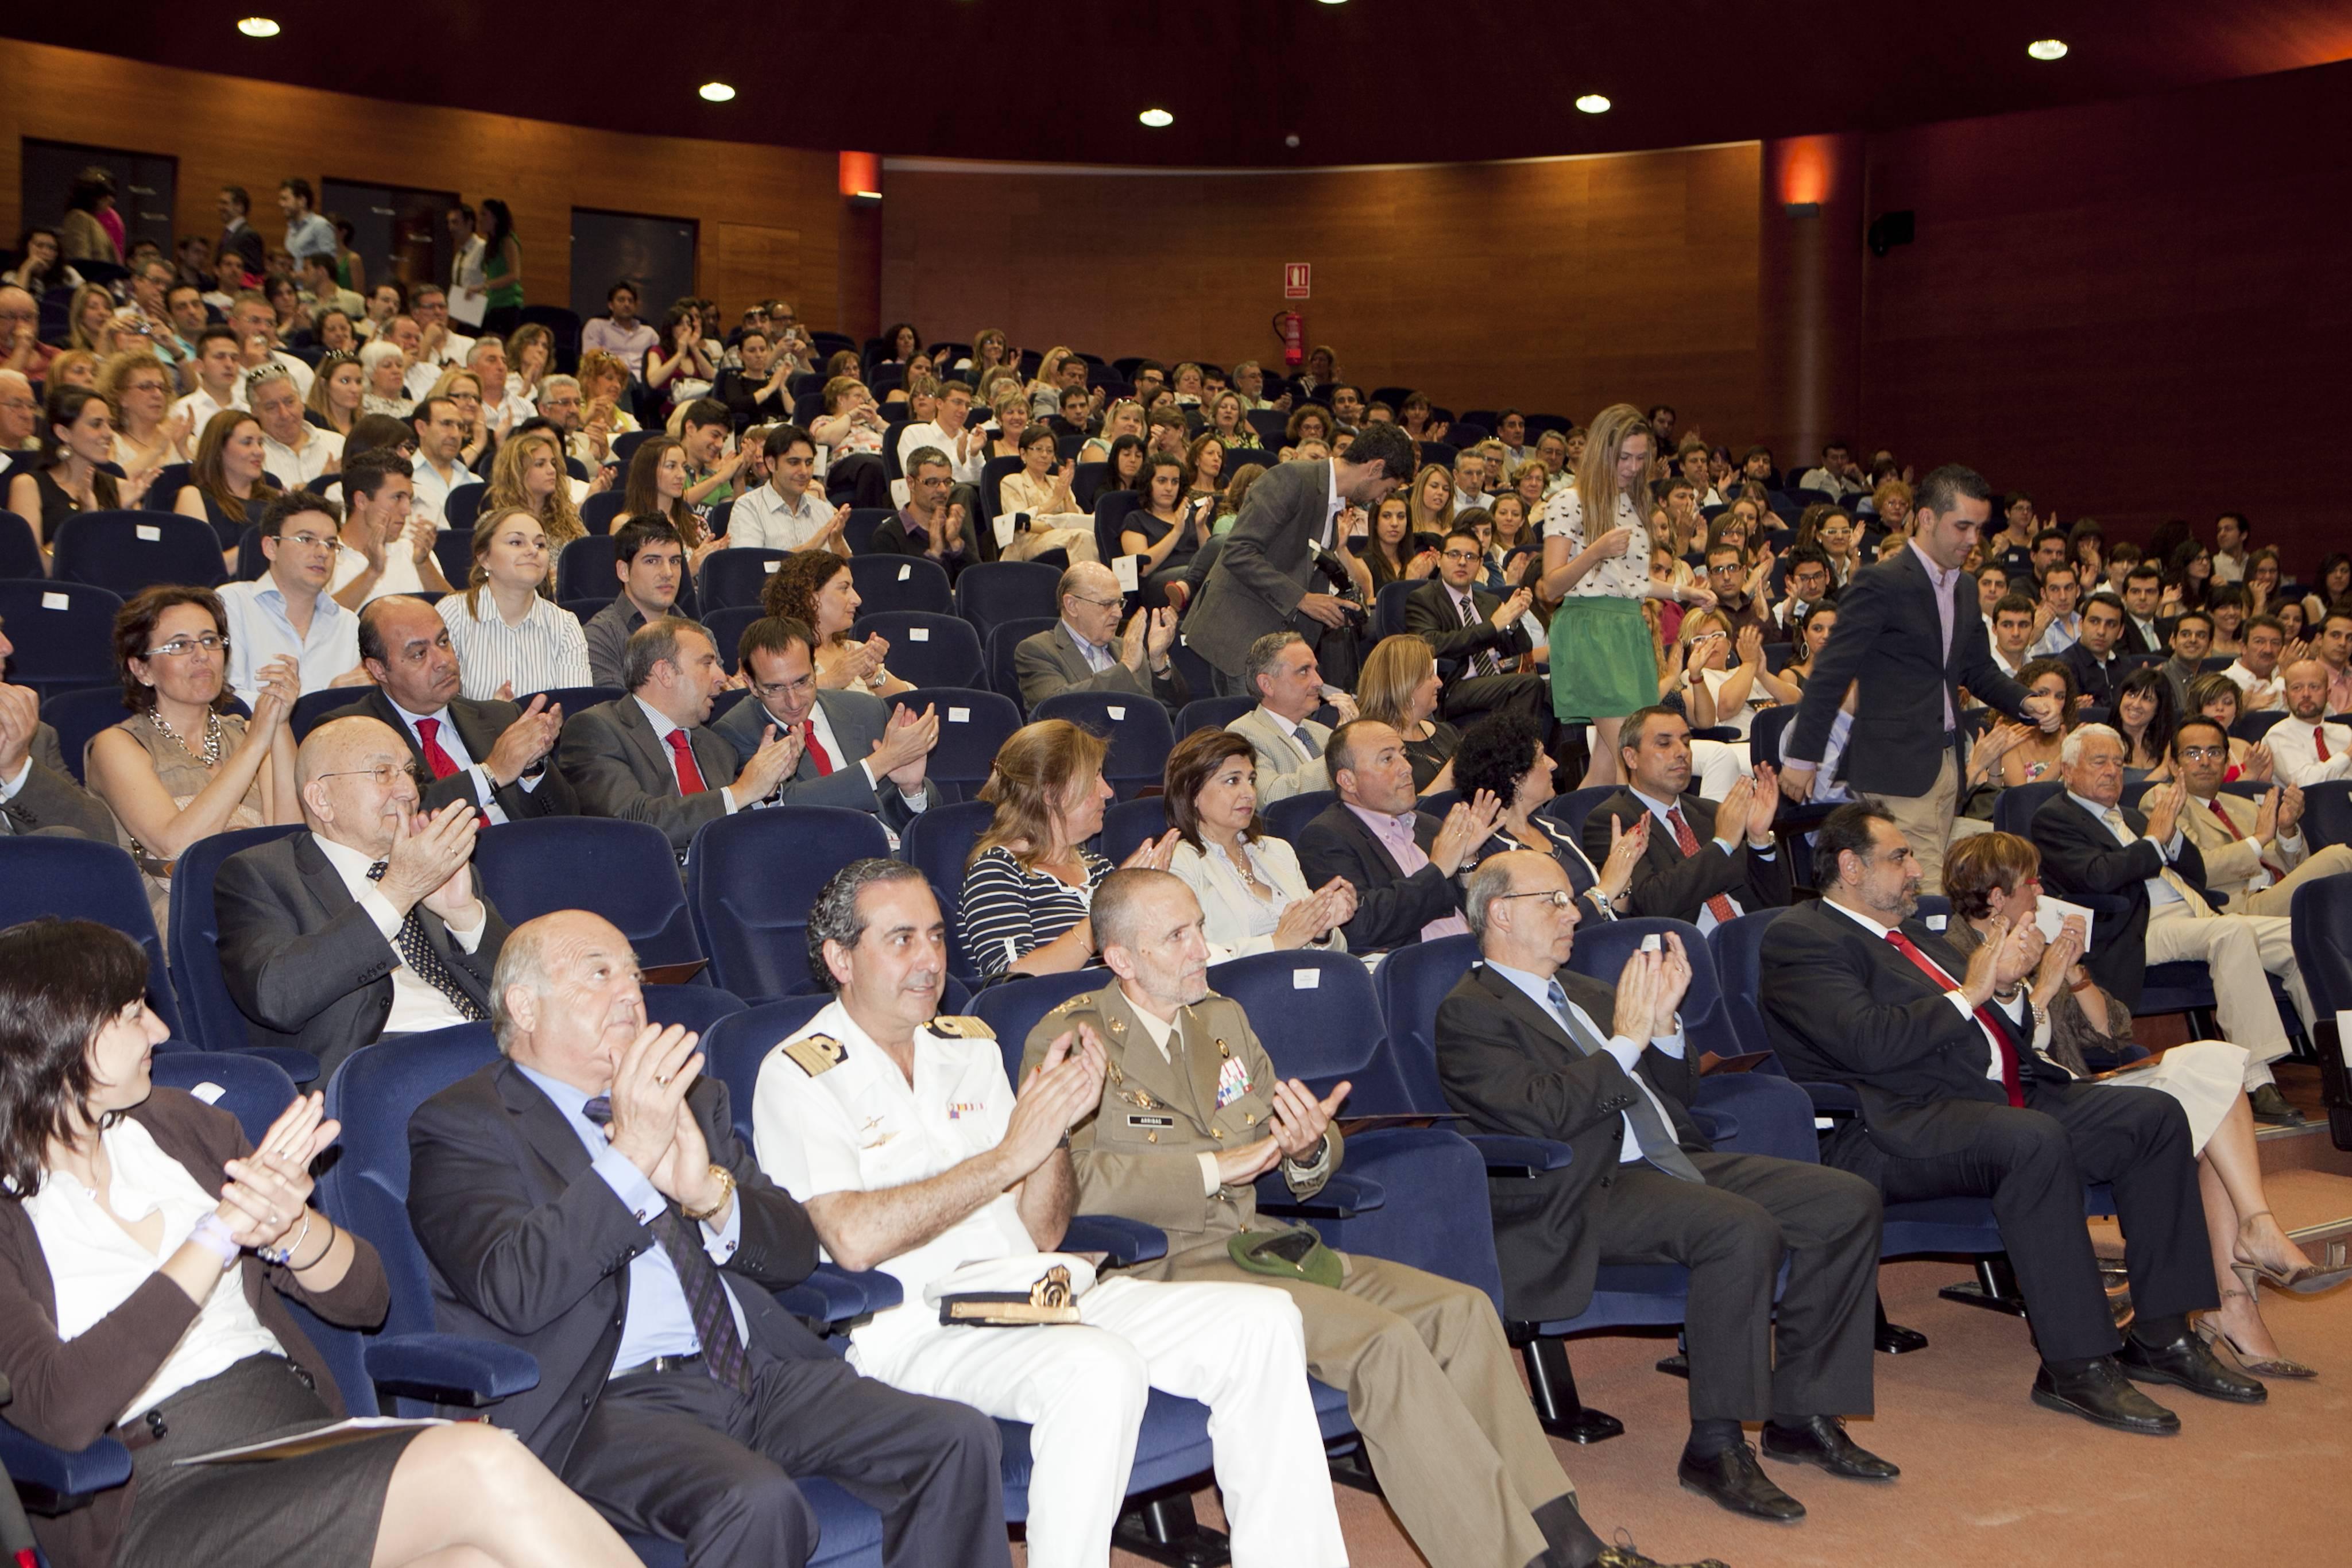 premios-5-estrellas_mg_0443.jpg